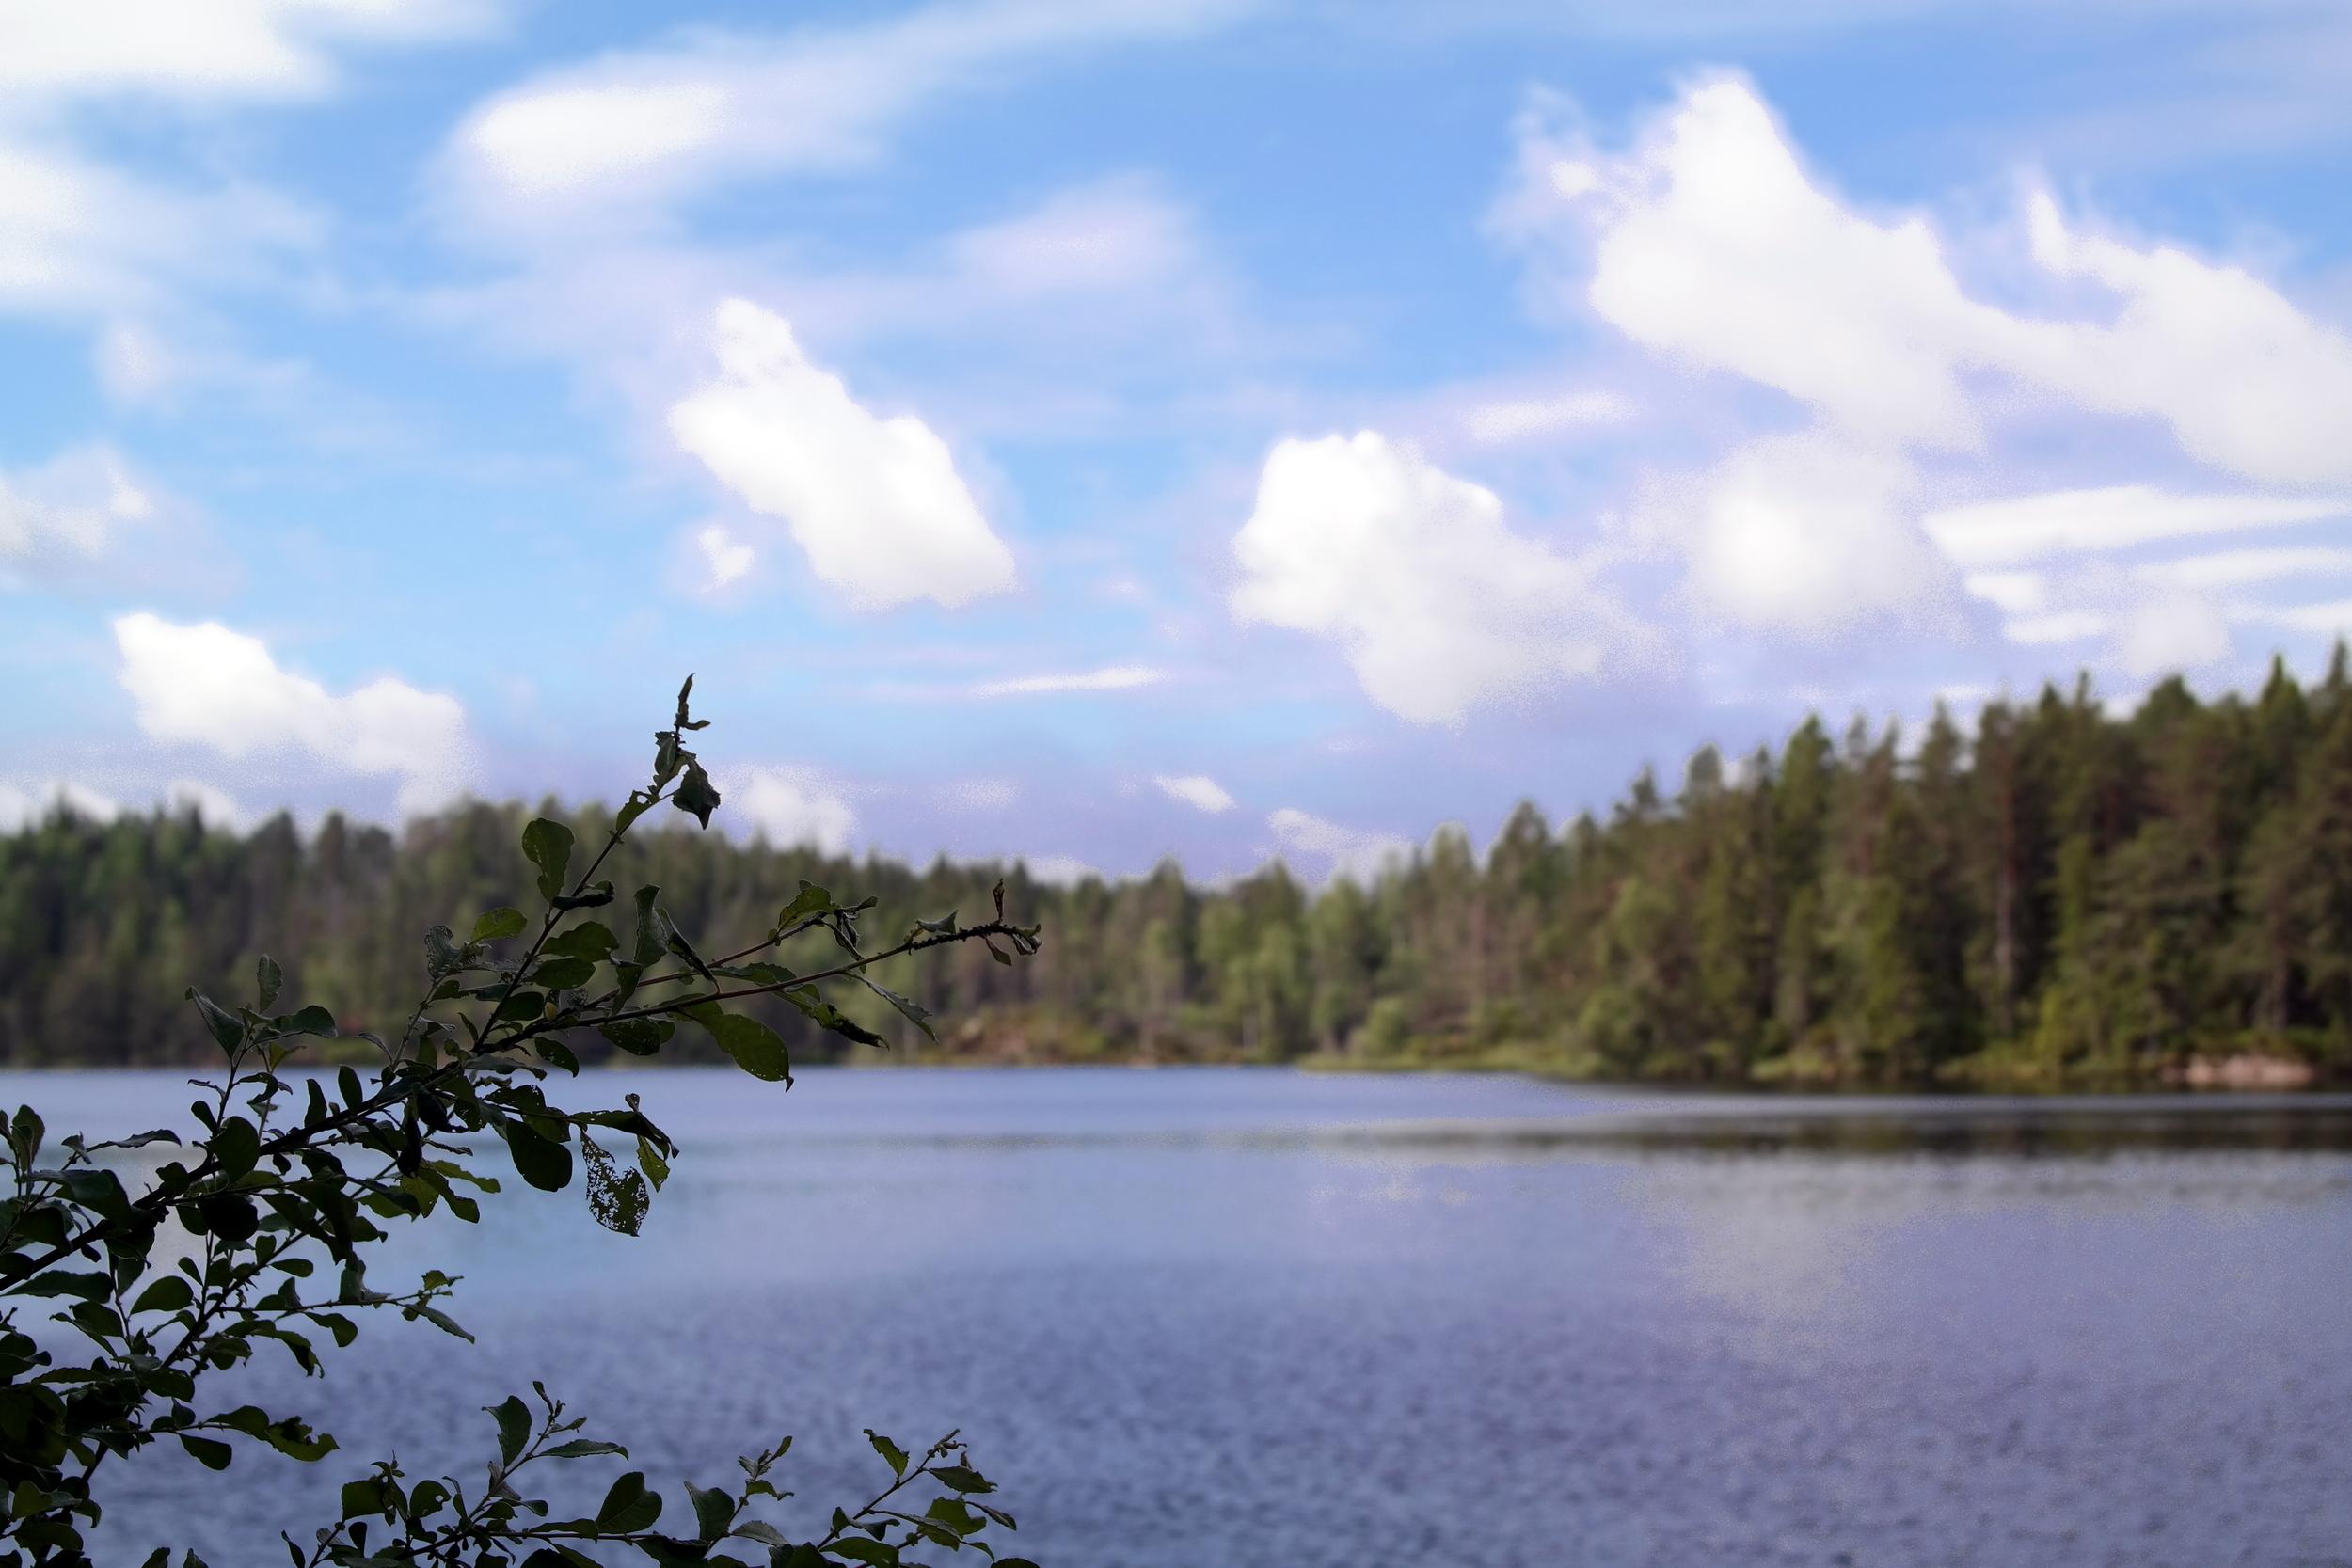 En av hundratals sjöar i Örebroregionen